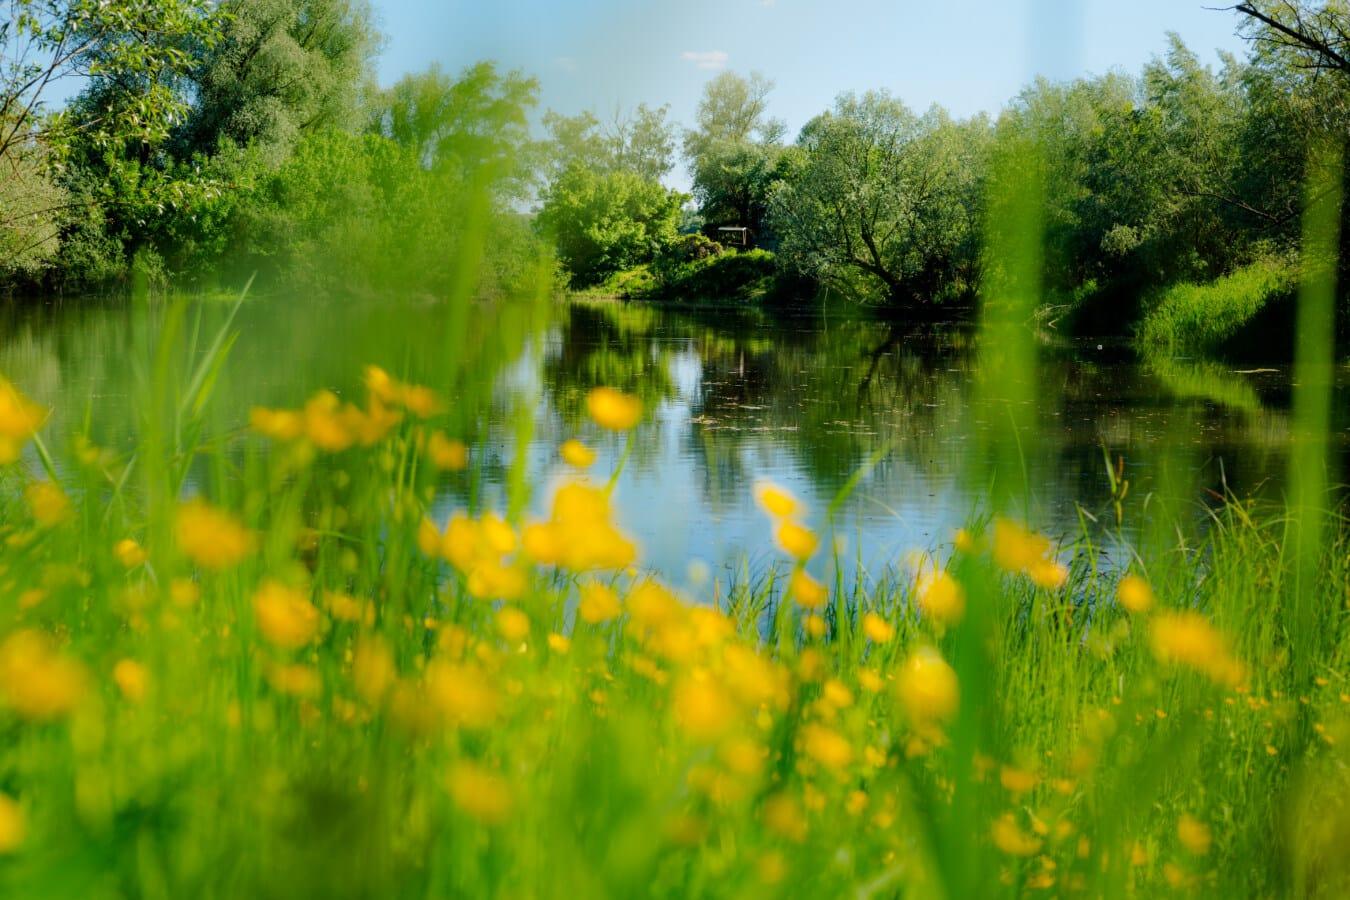 rit, divlji cvijet, travnati, močvara, vodene biljke, biljka, krajolik, šuma, jezero, drvo